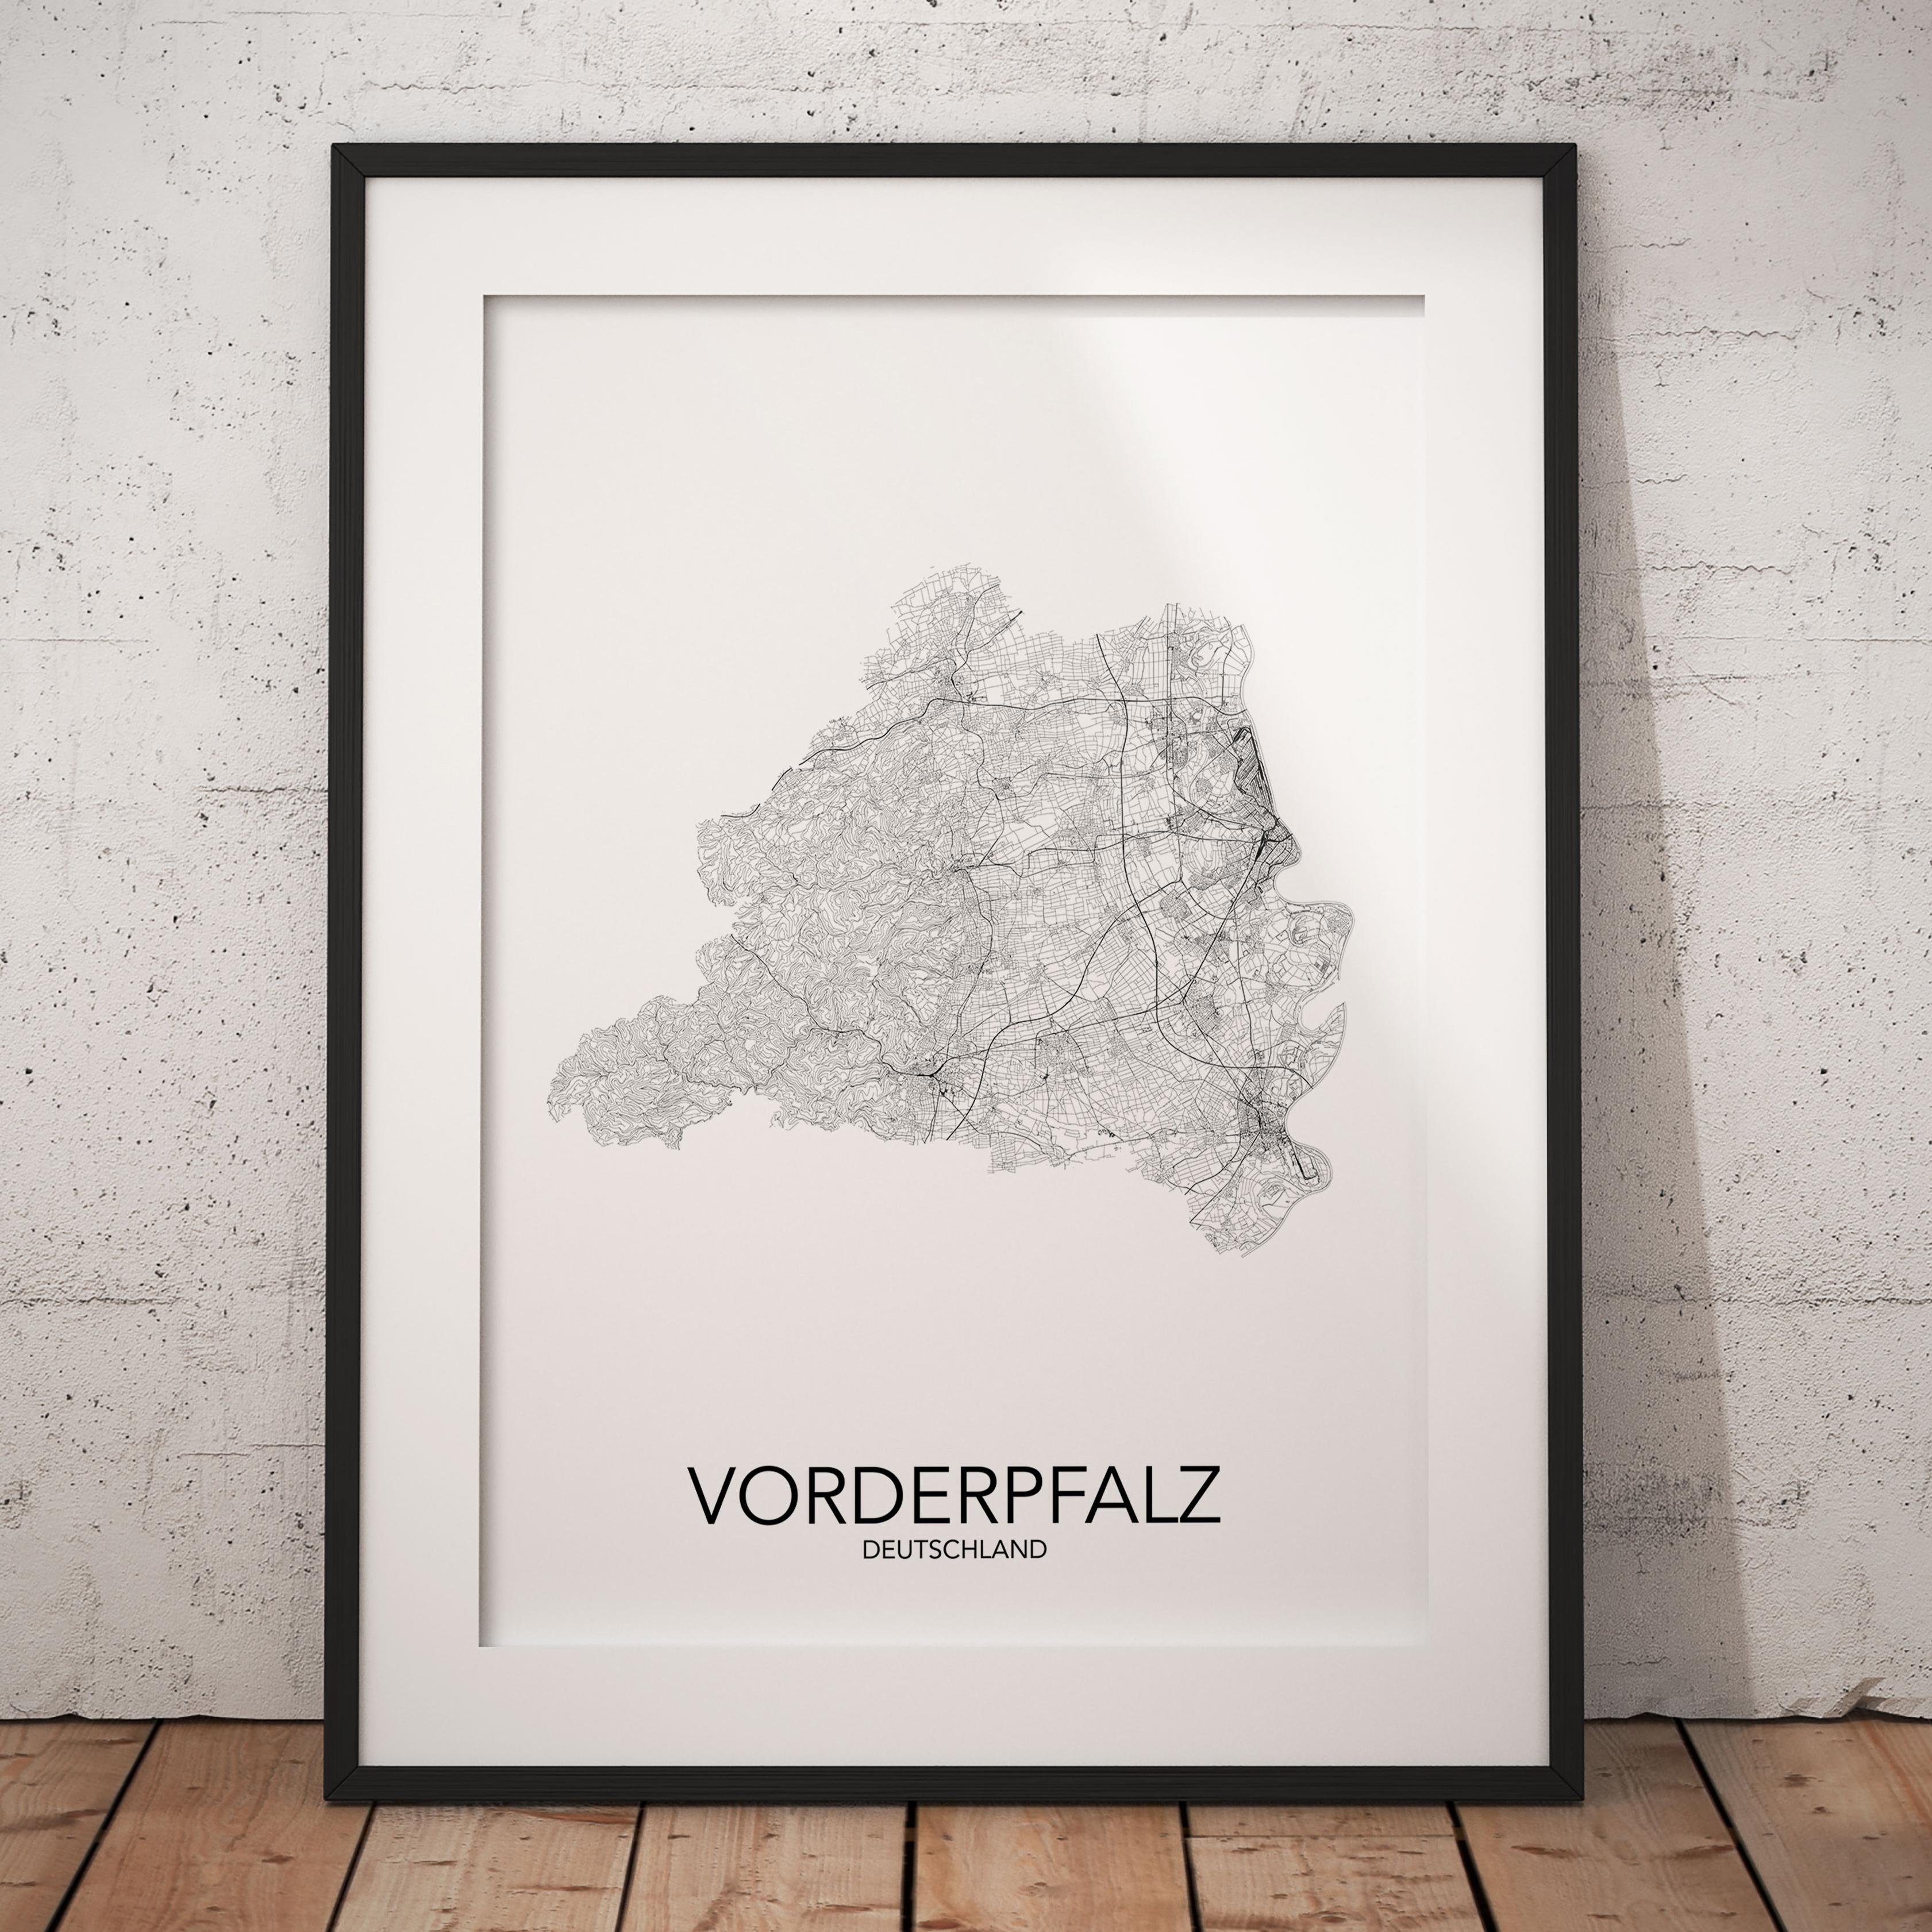 Vorderpfalz Poster